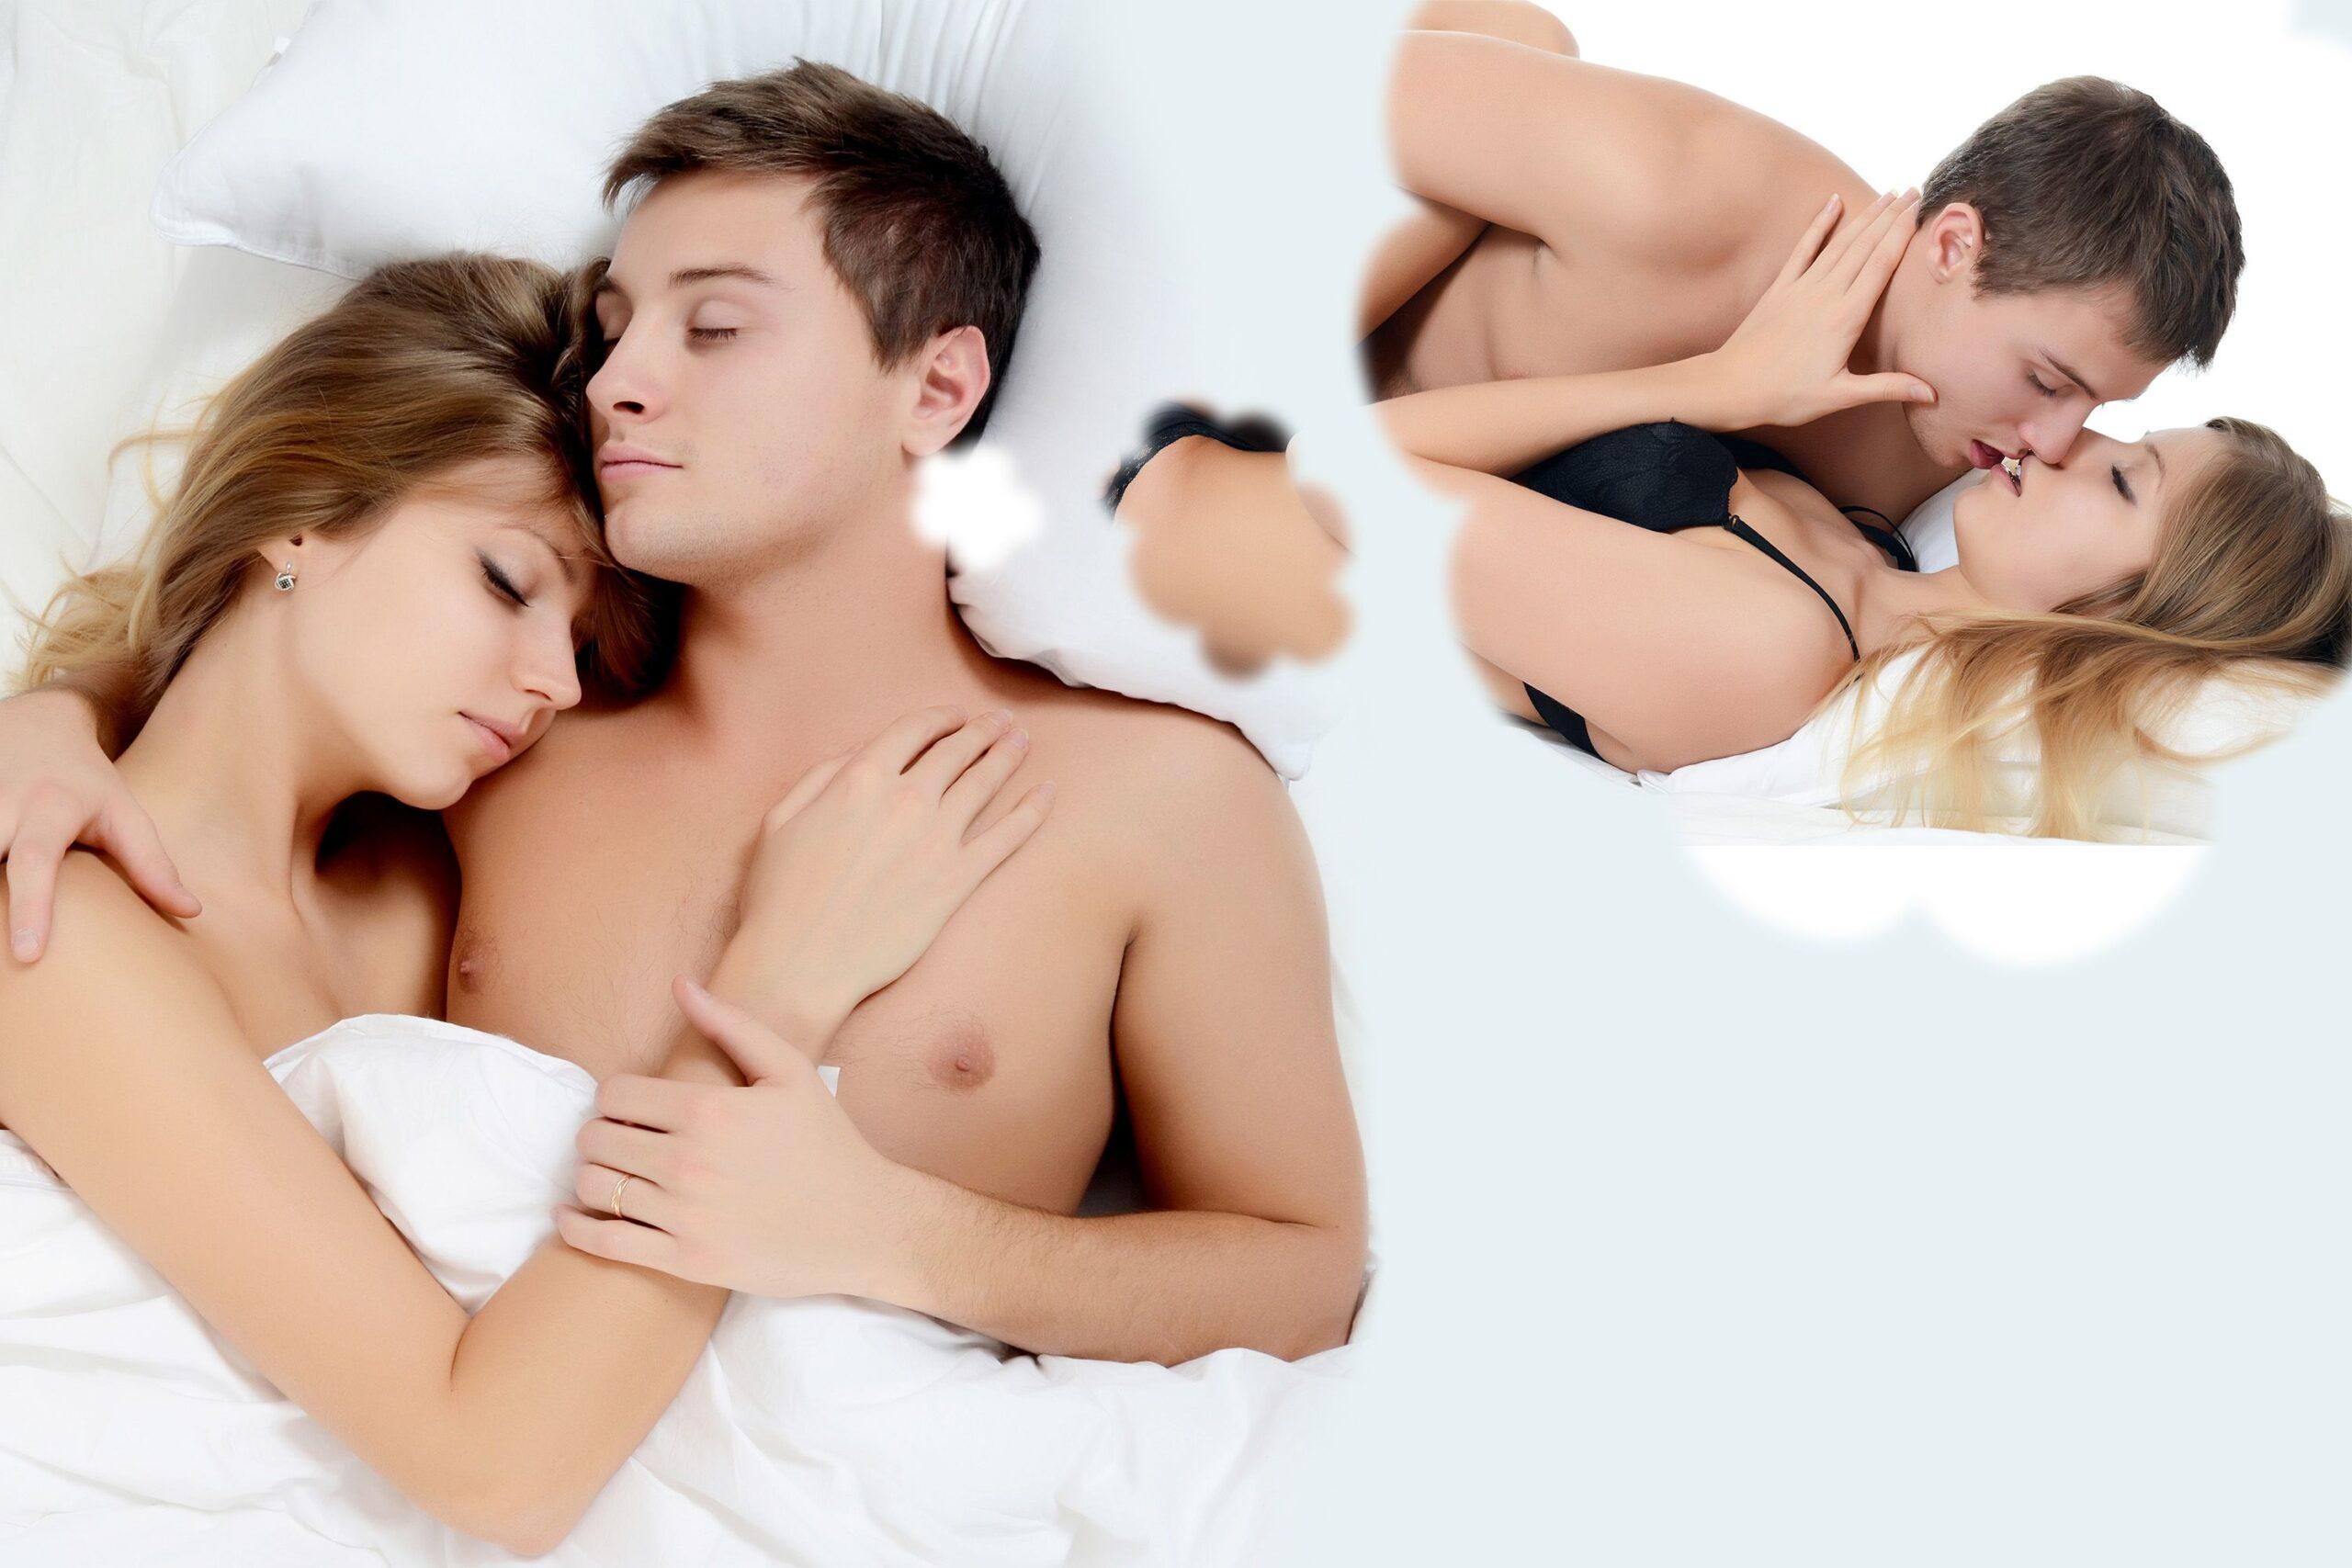 Sonhos eróticos: Por que eles acontecem?